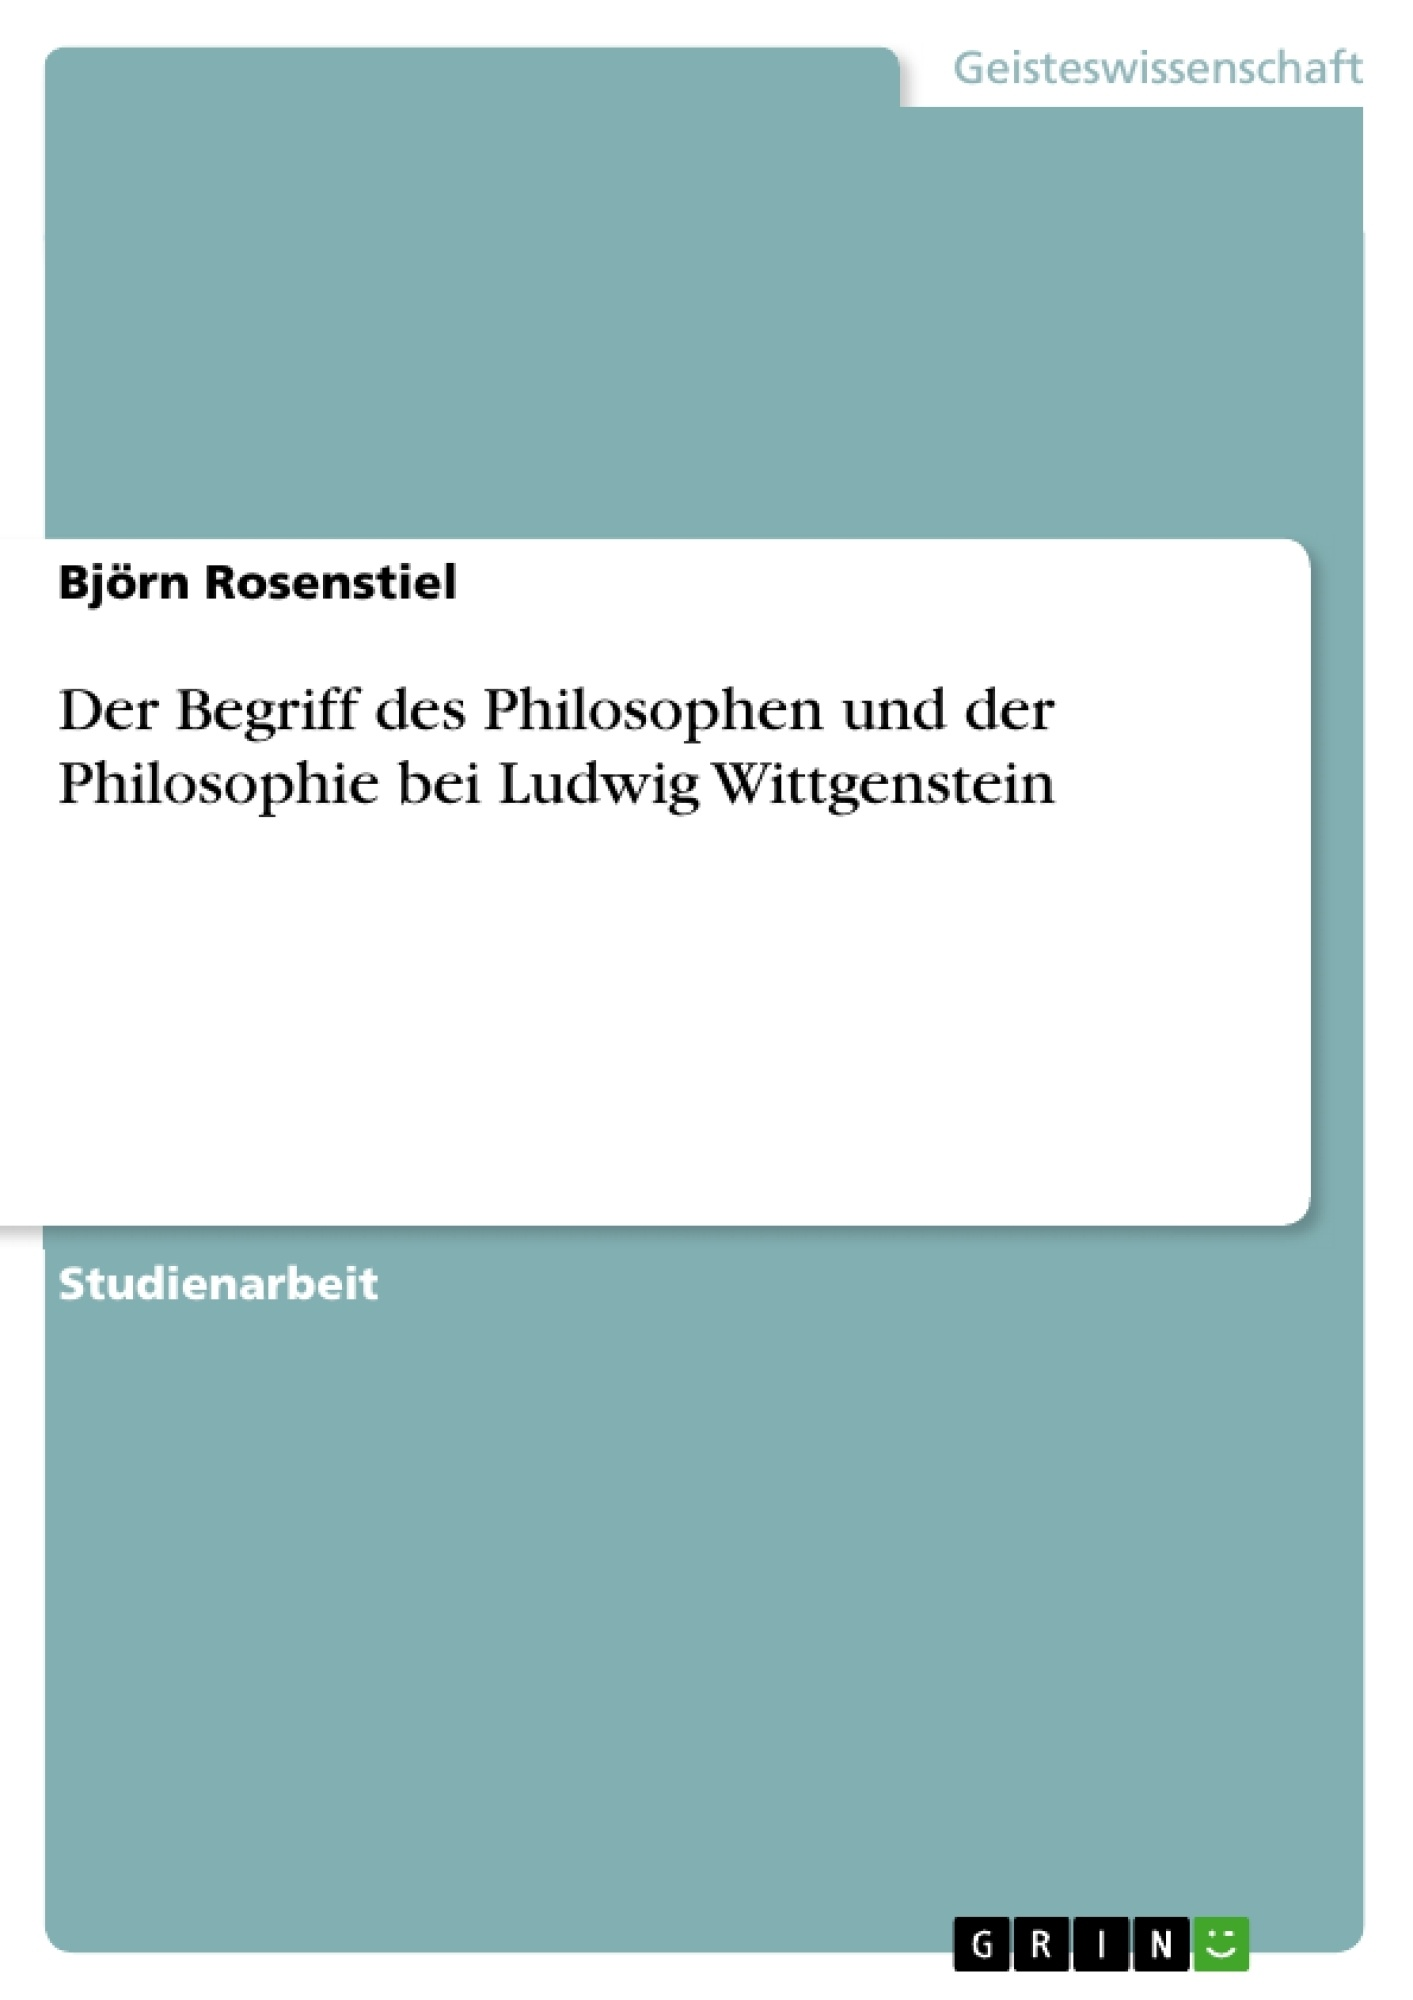 Titel: Der Begriff des Philosophen und der Philosophie bei Ludwig Wittgenstein